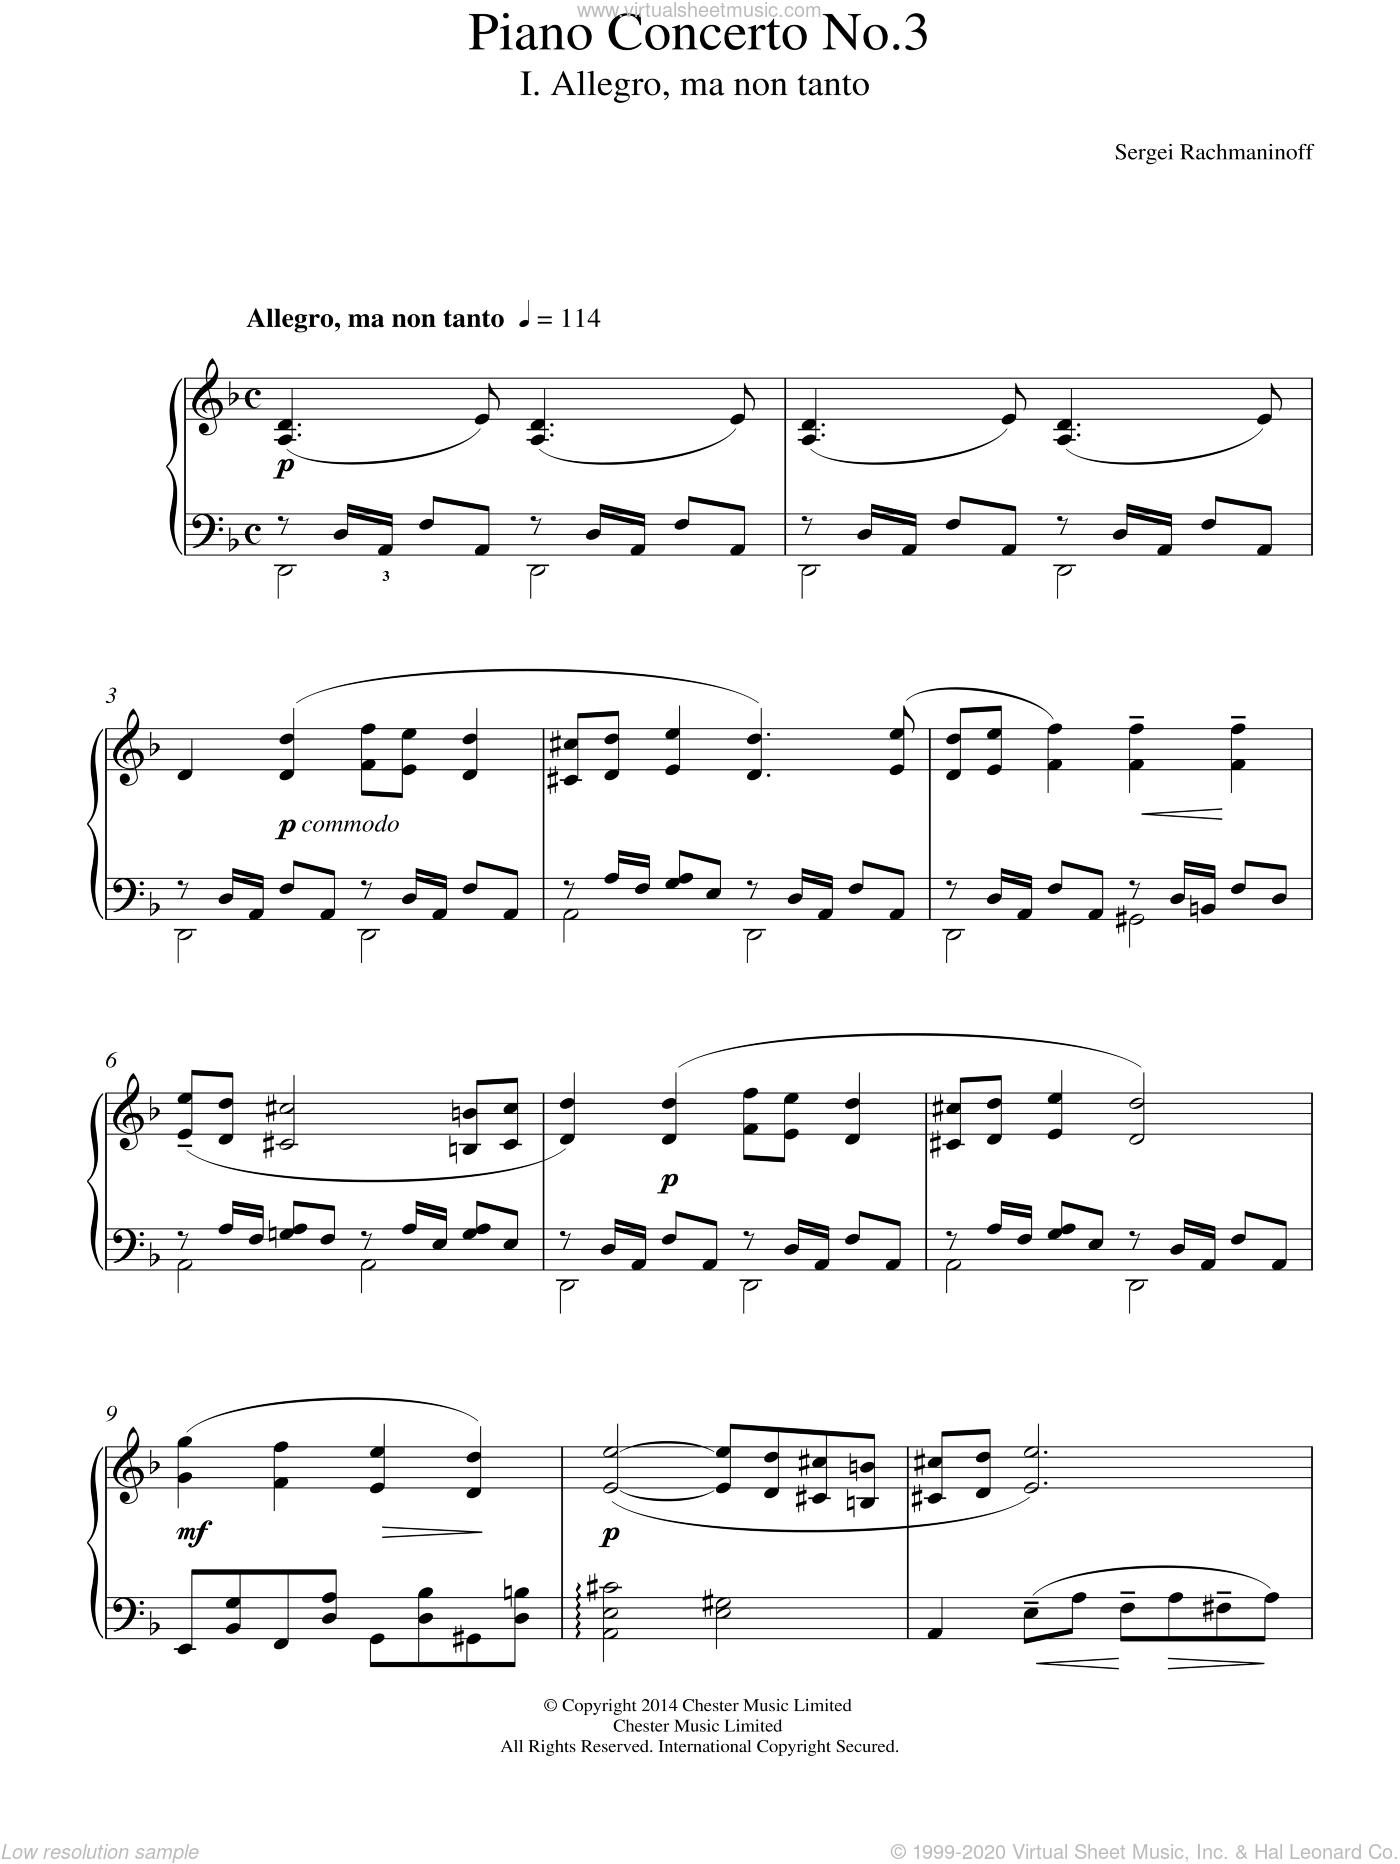 Piano Concerto No.3 - 1st Movement sheet music for piano solo by Serjeij Rachmaninoff, classical score, intermediate skill level